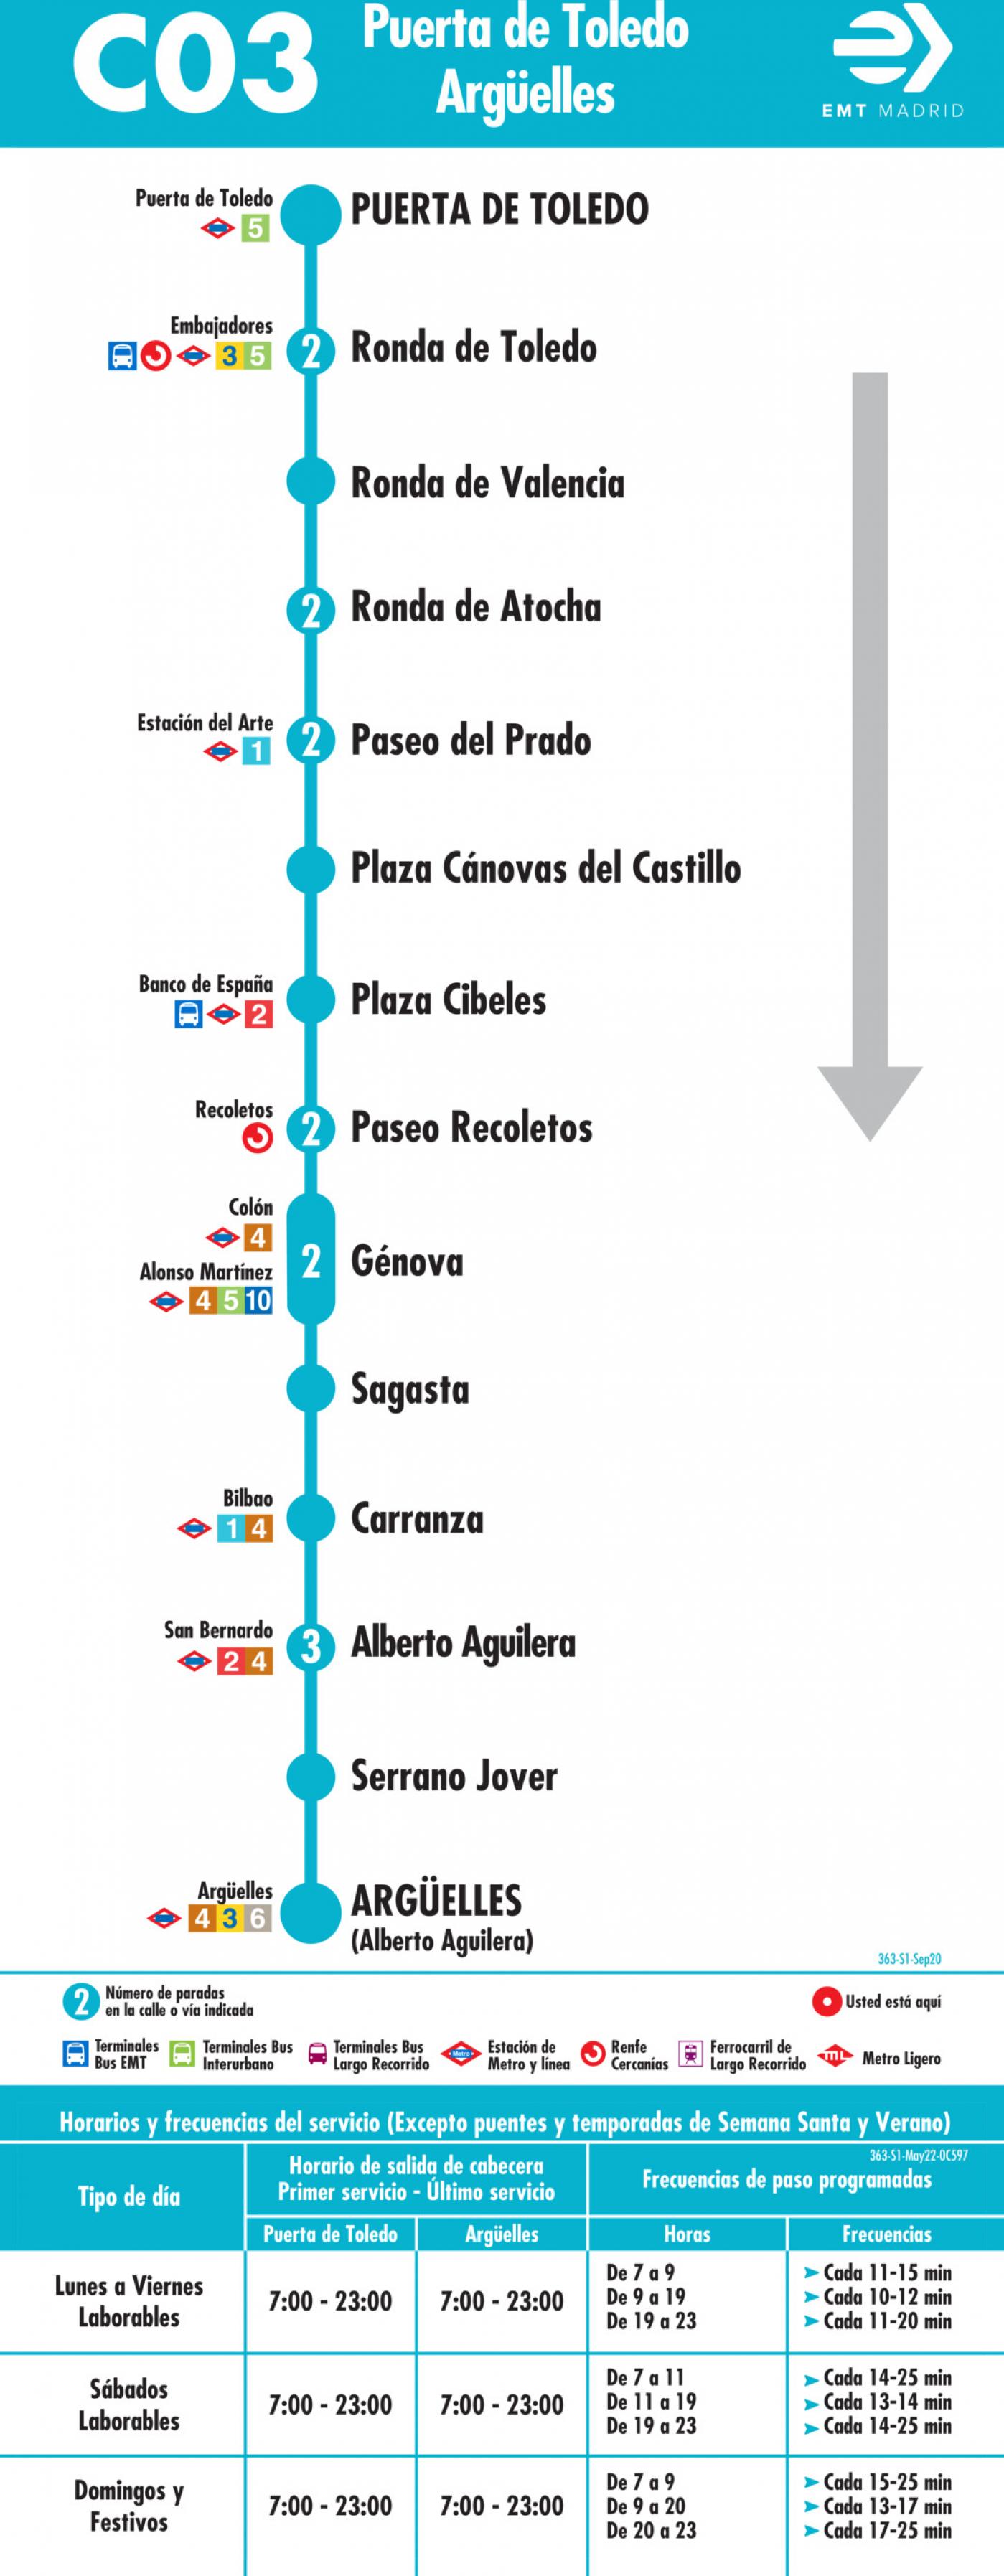 Tabla de horarios y frecuencias de paso en sentido ida Línea C03: Puerta de Toledo - Argüelles